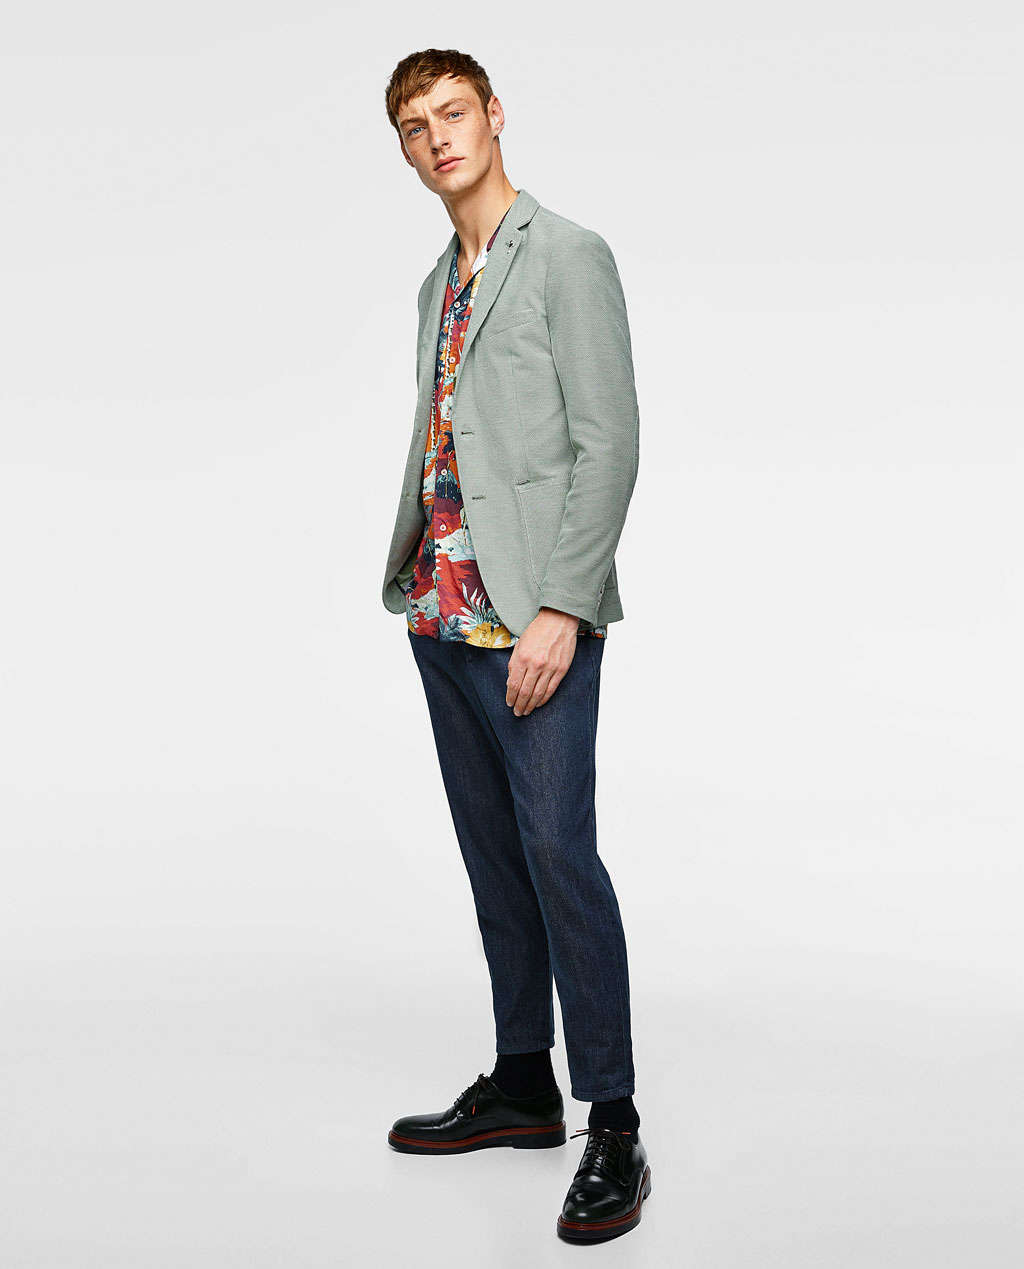 Thời trang nam Zara  23974 - ảnh 3